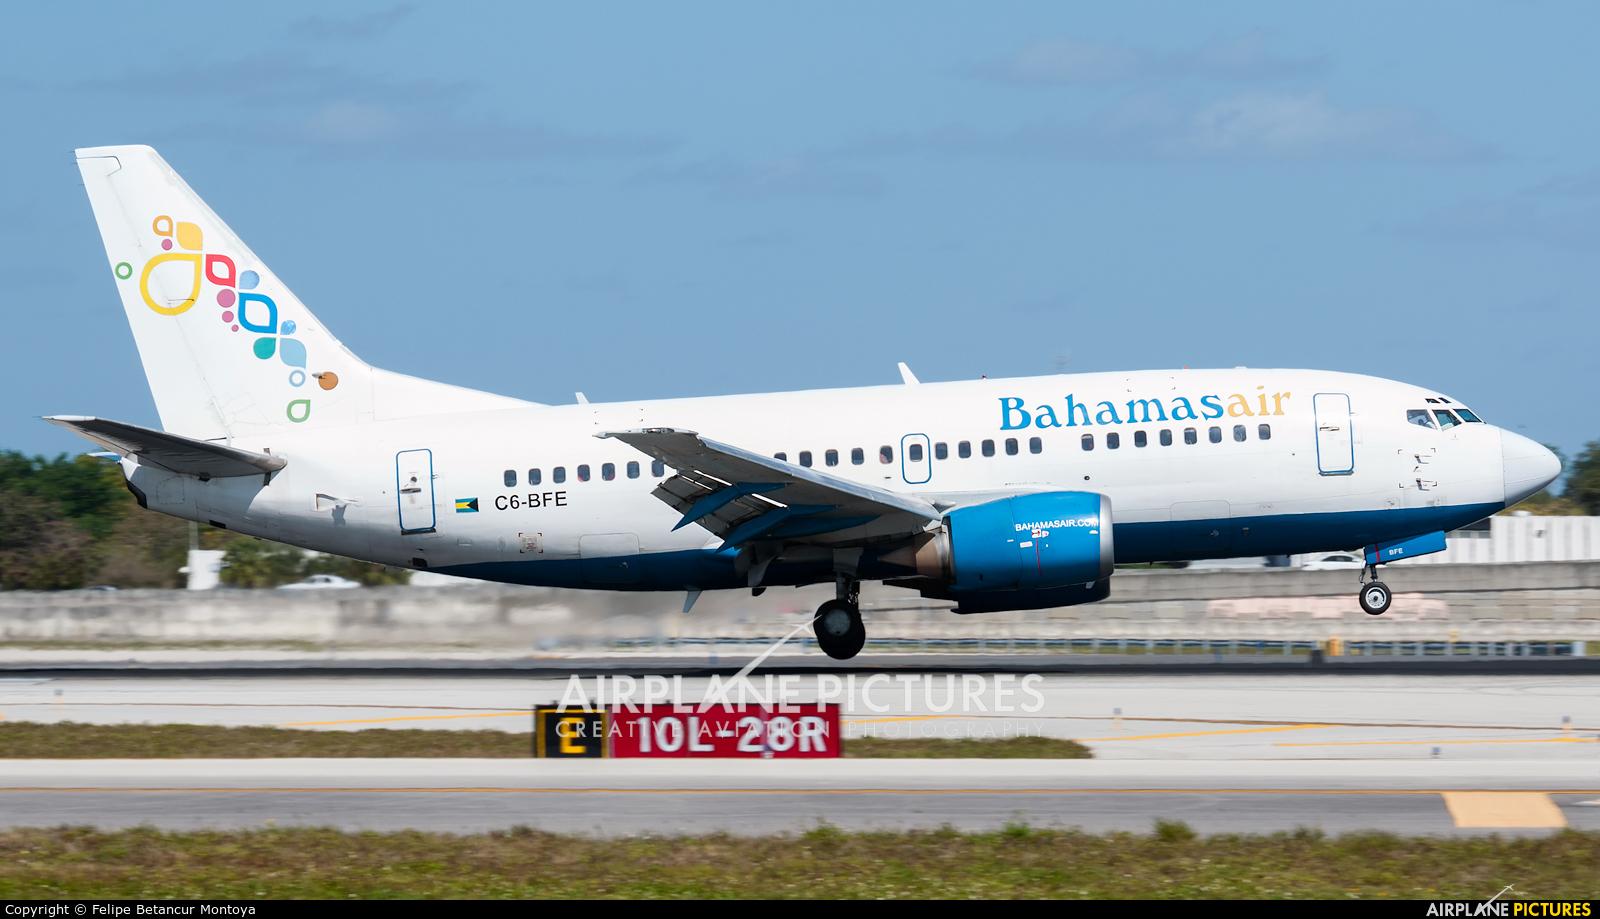 Bahamasair C6-BFE aircraft at Fort Lauderdale - Hollywood Intl